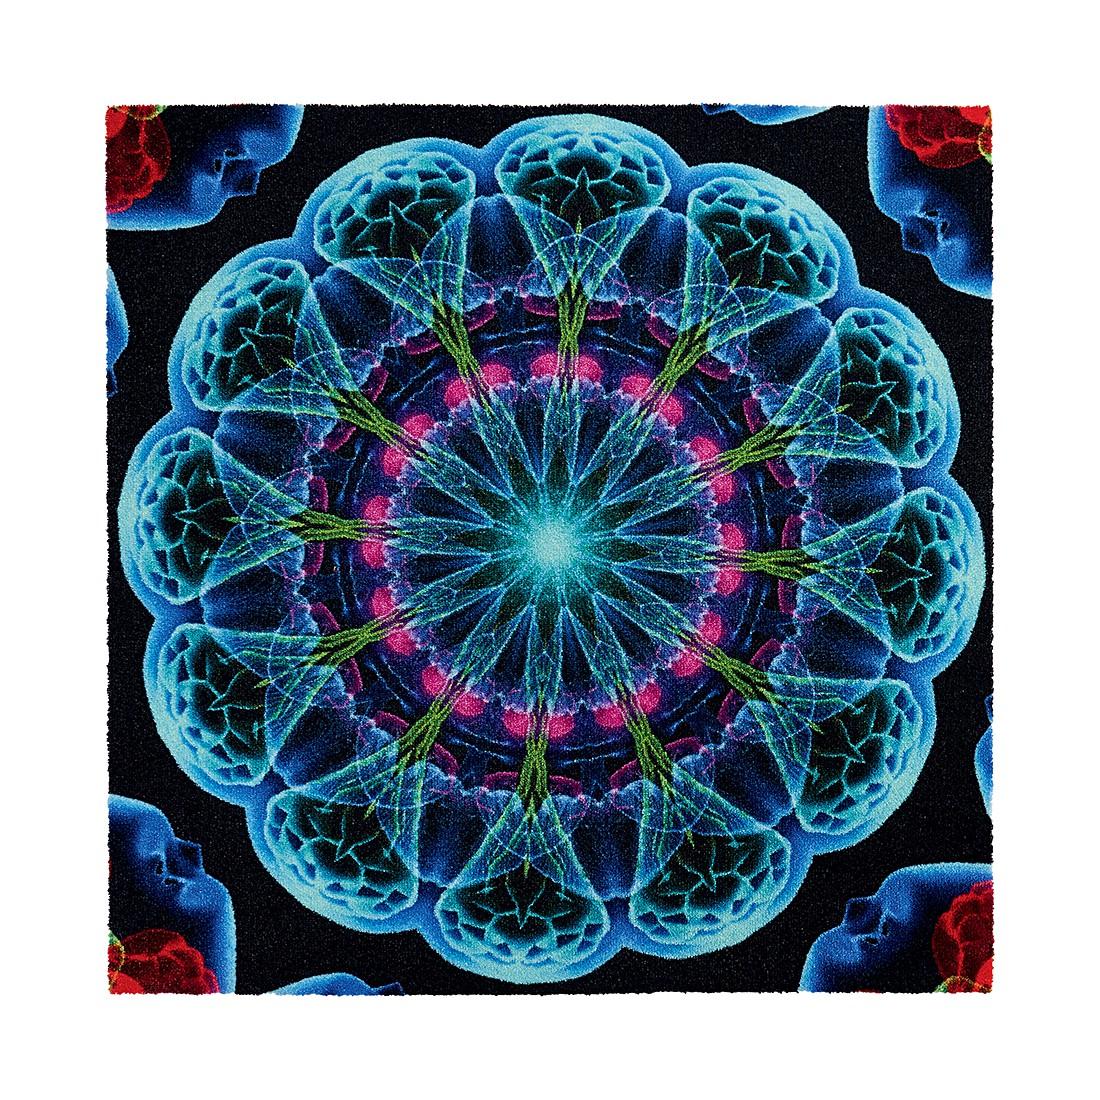 Teppich Inneres Universum – 140 x 140 cm, Grund jetzt bestellen